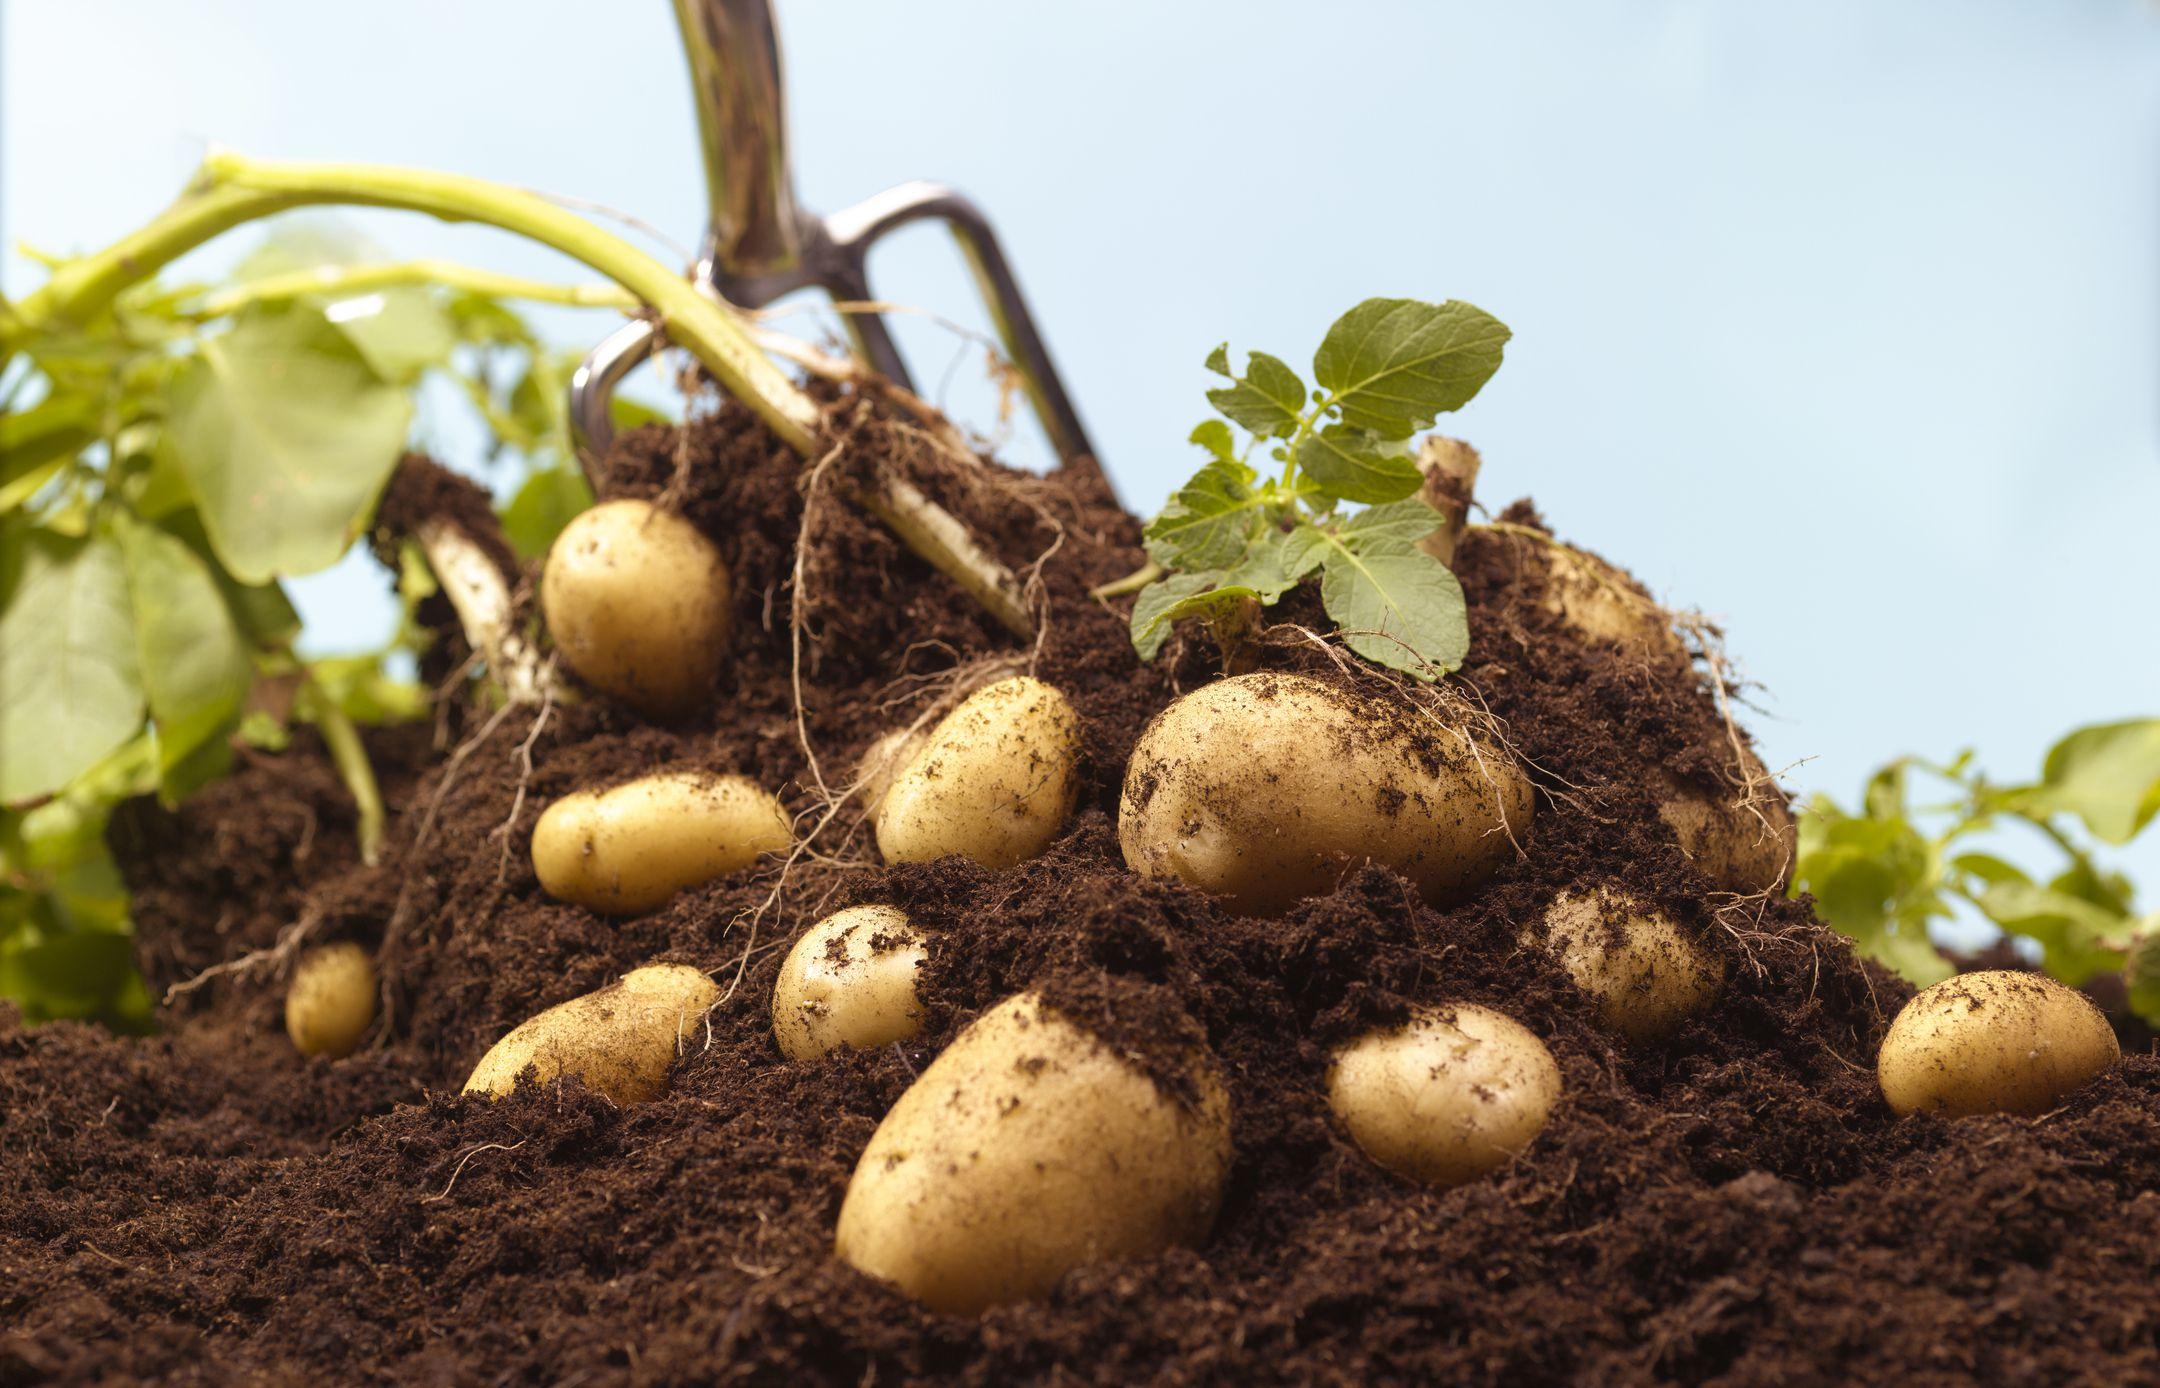 Правильная посадка картофеля: способы, сроки